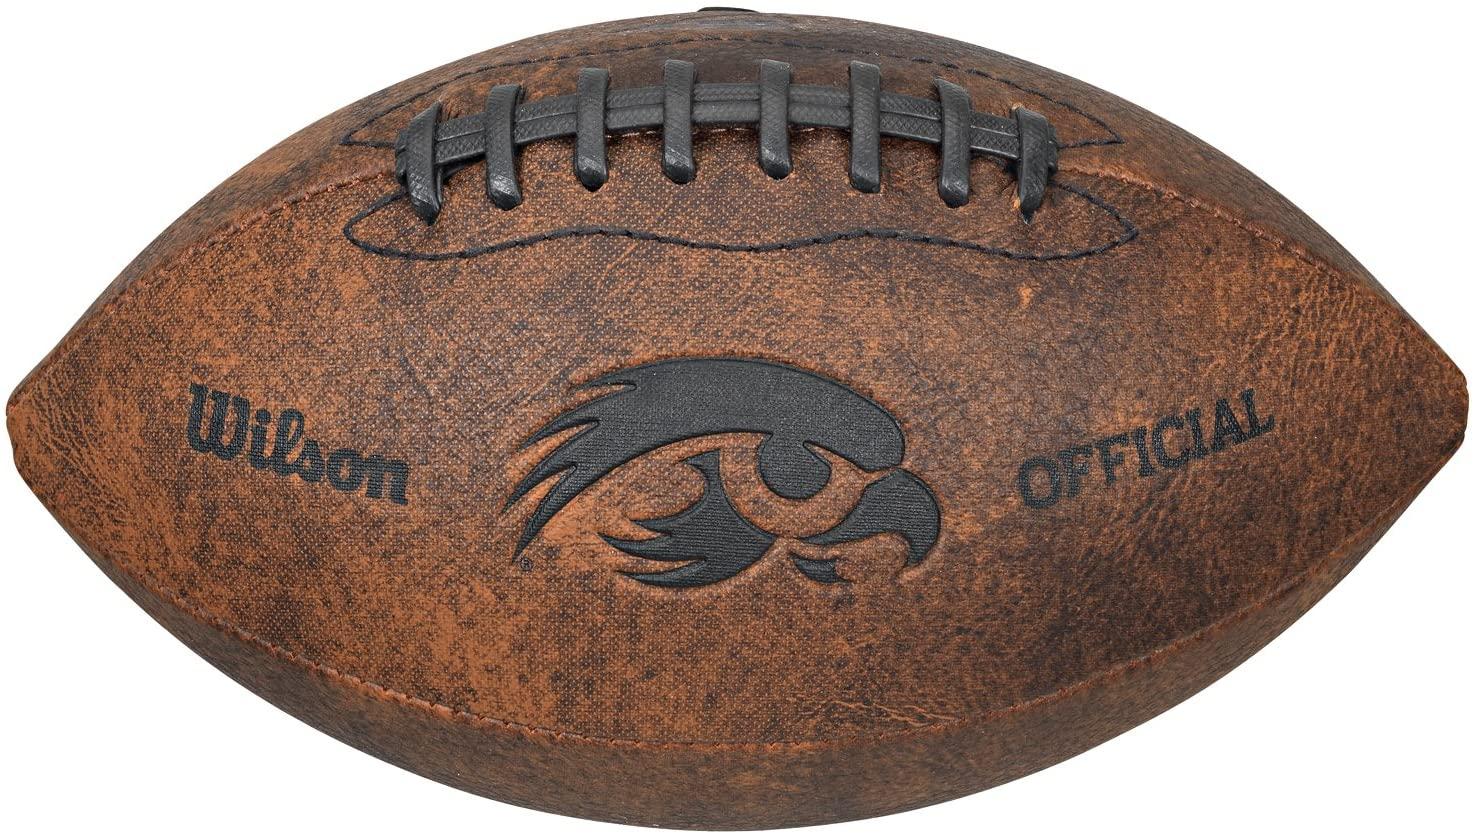 NCAA Iowa Hawkeyes Vintage Throwback Football, 9-inches